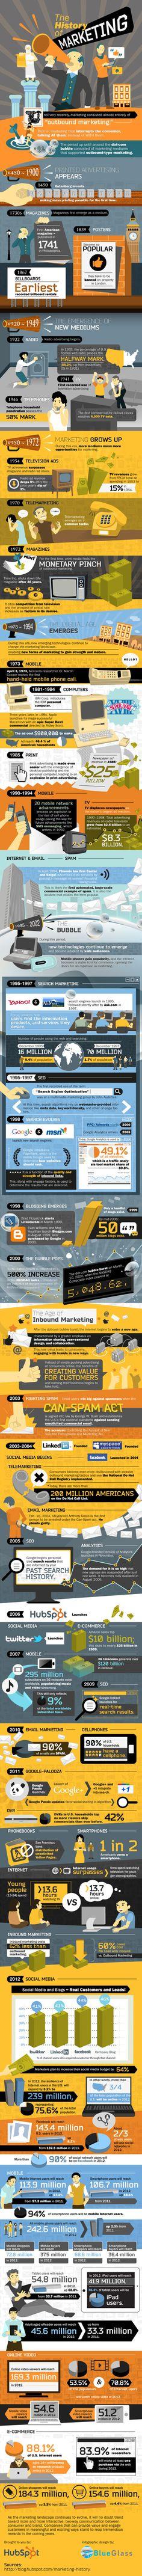 La historia del marketing: de 1450 a 2012